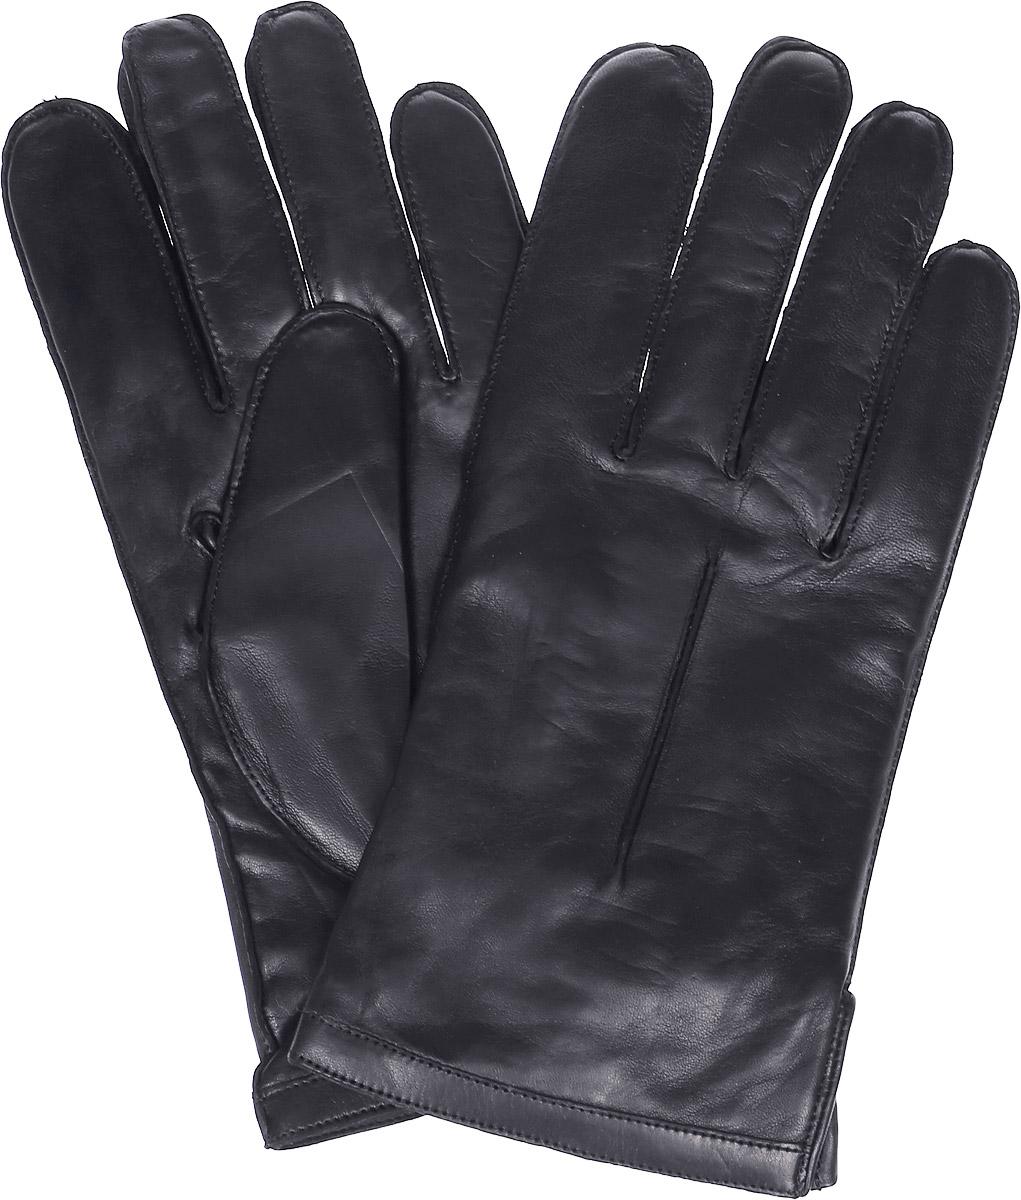 Перчатки мужские Michel Katana, цвет: черный. K12-NANCY. Размер 8,5K12-NANCY/BLМужские перчатки Michel Katana не только защитят ваши руки, но и станут великолепным украшением. Перчатки выполнены из натуральной кожи, а подкладка - из высококачественной шерсти. Модель оформлена декоративными прострочками.